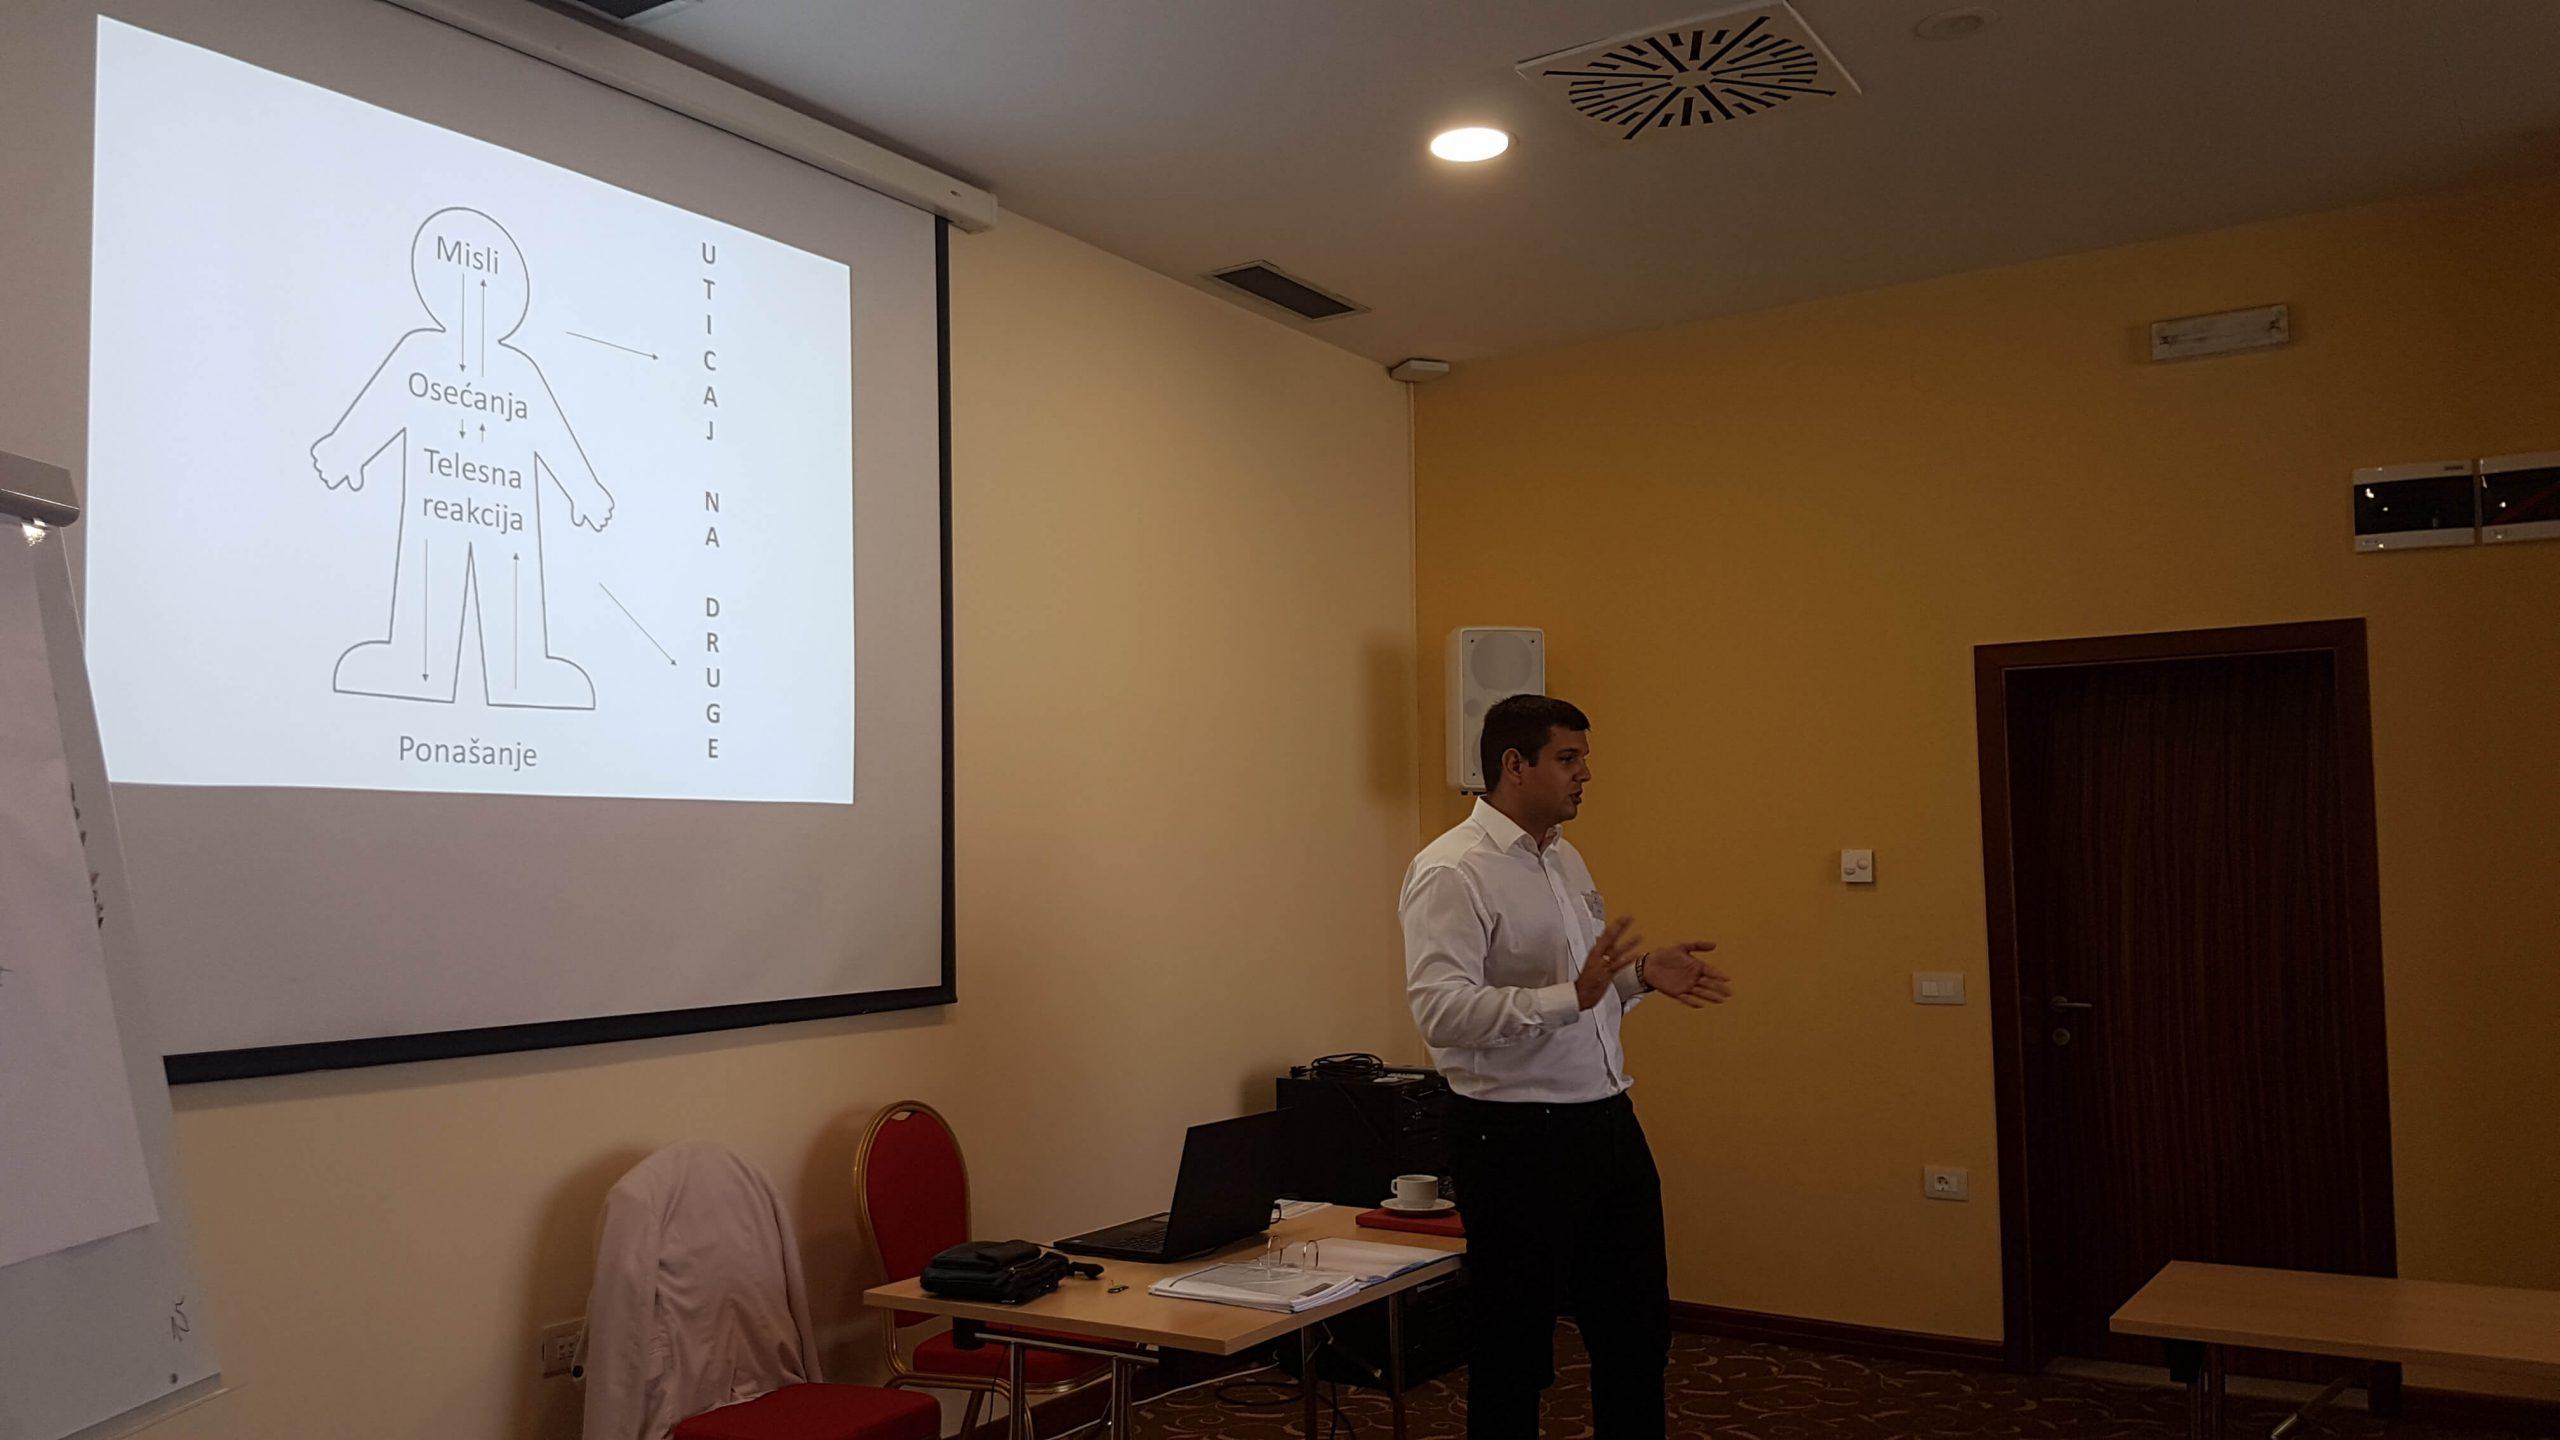 prezentacione veštine